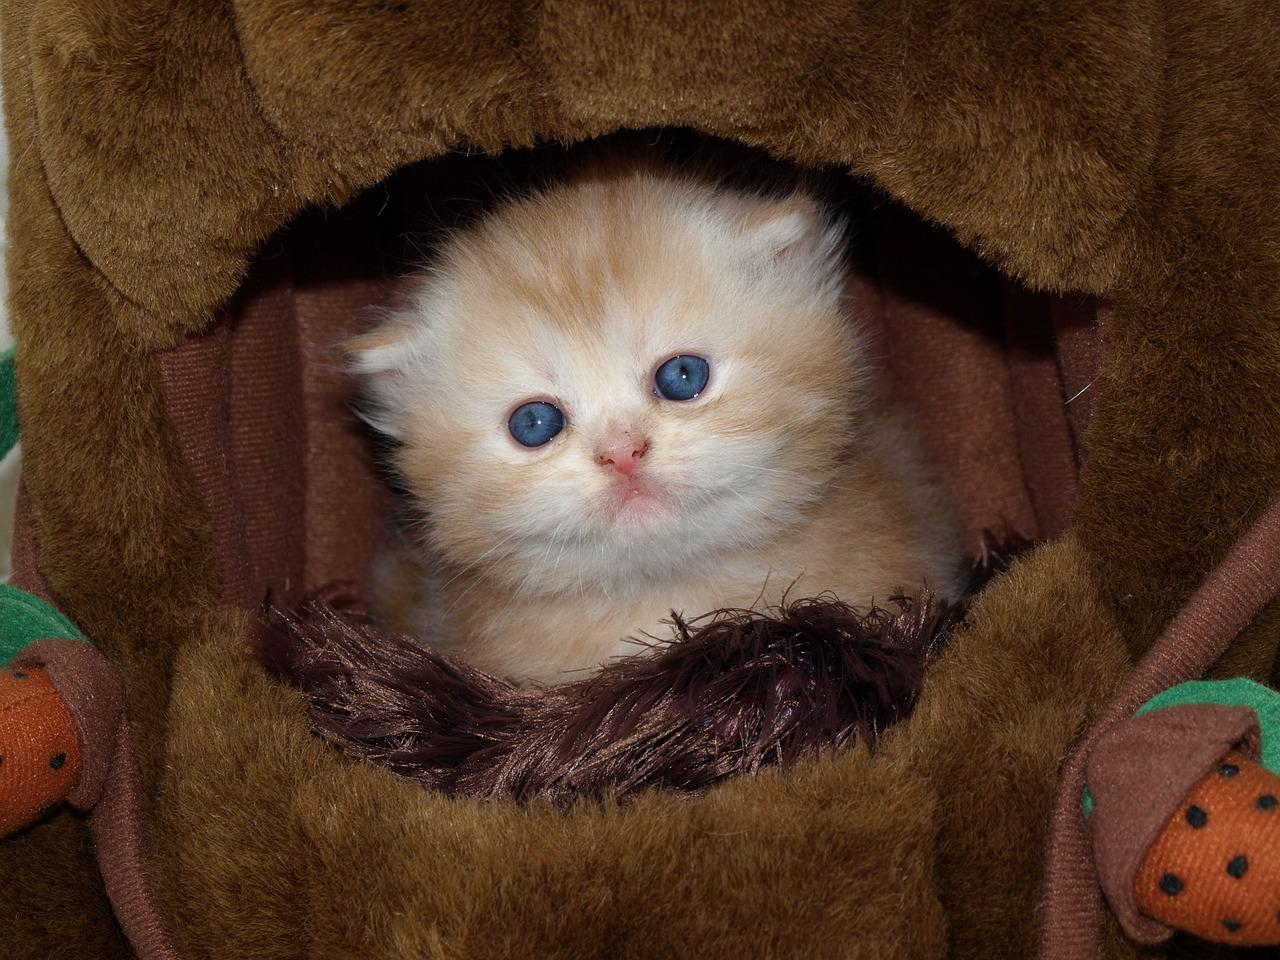 Gambar Kucing El Dan Lucu Majalah Cat & Dog